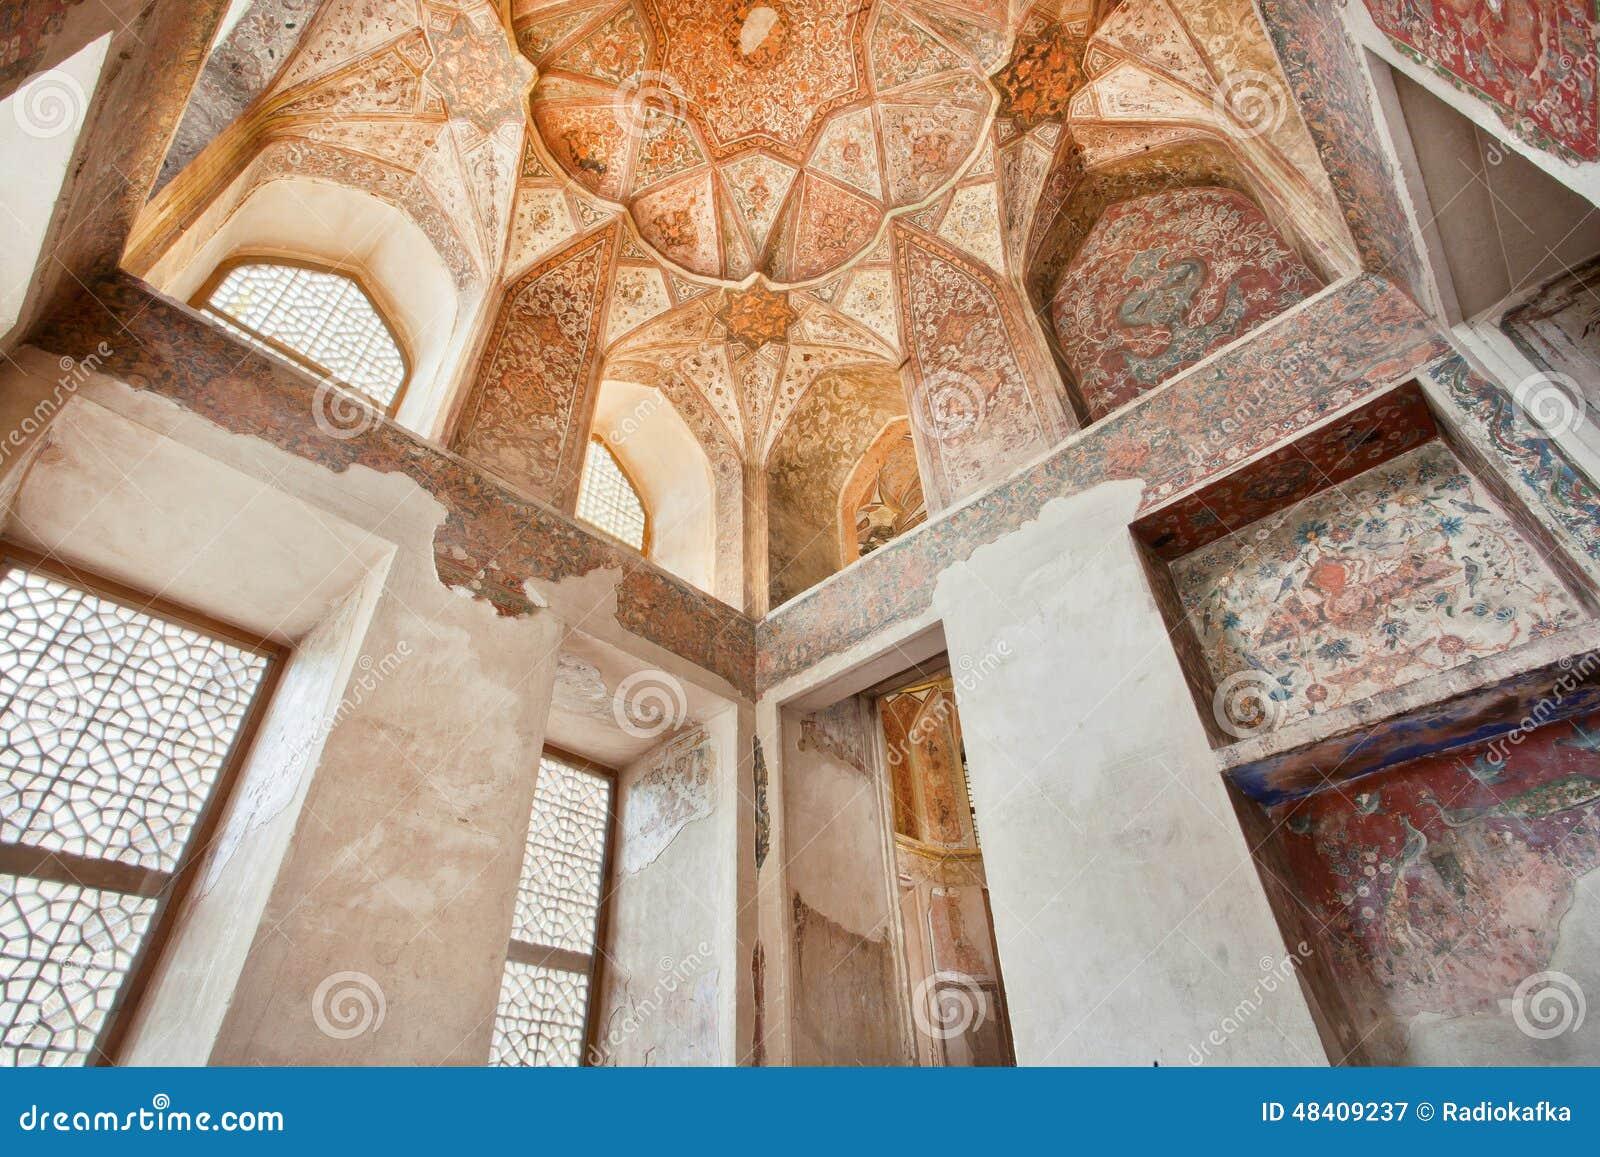 Design de interiores do teto e das colunas no palácio Hasht Behesht em Isfahan